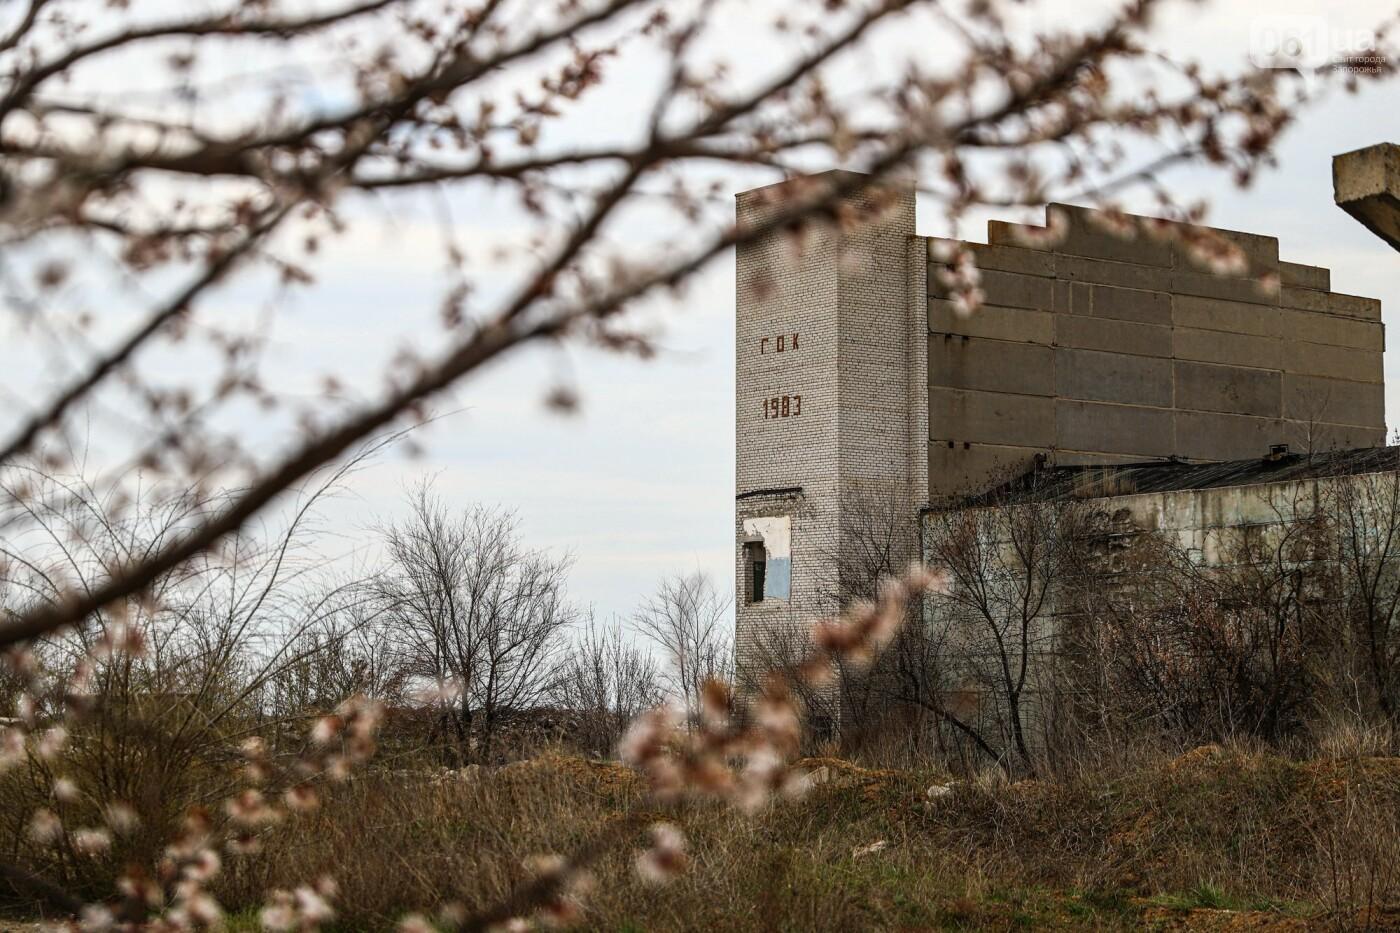 В Степногорске пытаются разобрать на металлолом шахту - промплощадка ГОКа превратилась в руины, - ФОТОРЕПОРТАЖ , фото-24